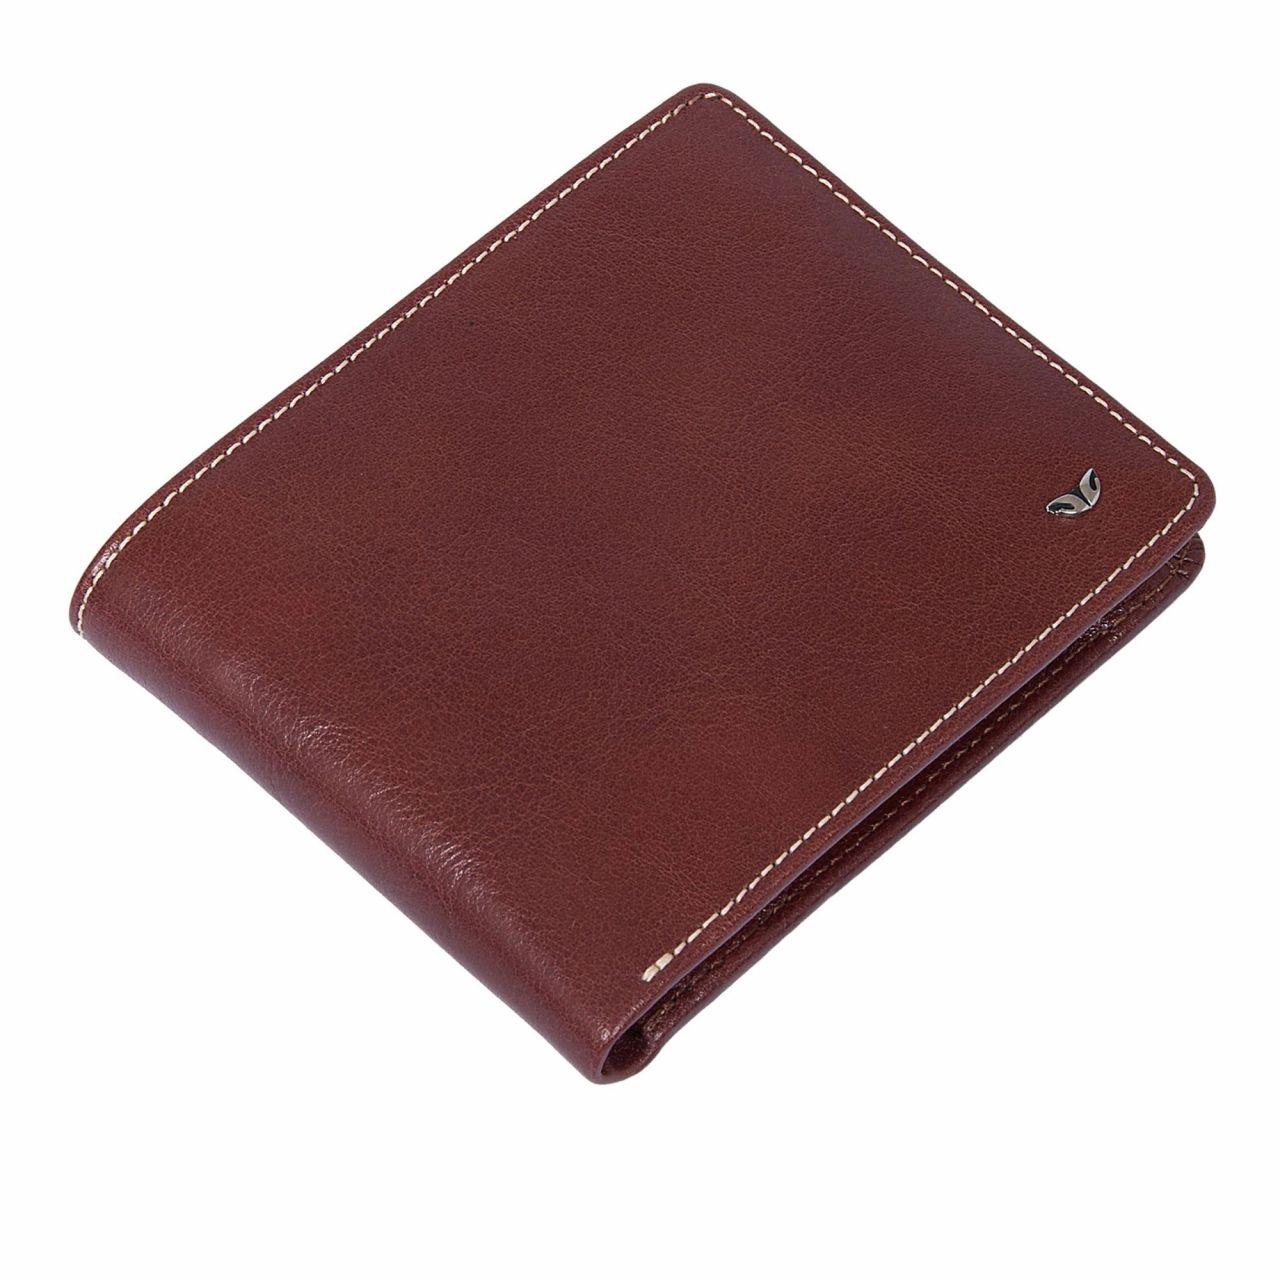 Елегантен мъжки портфейл в бордо